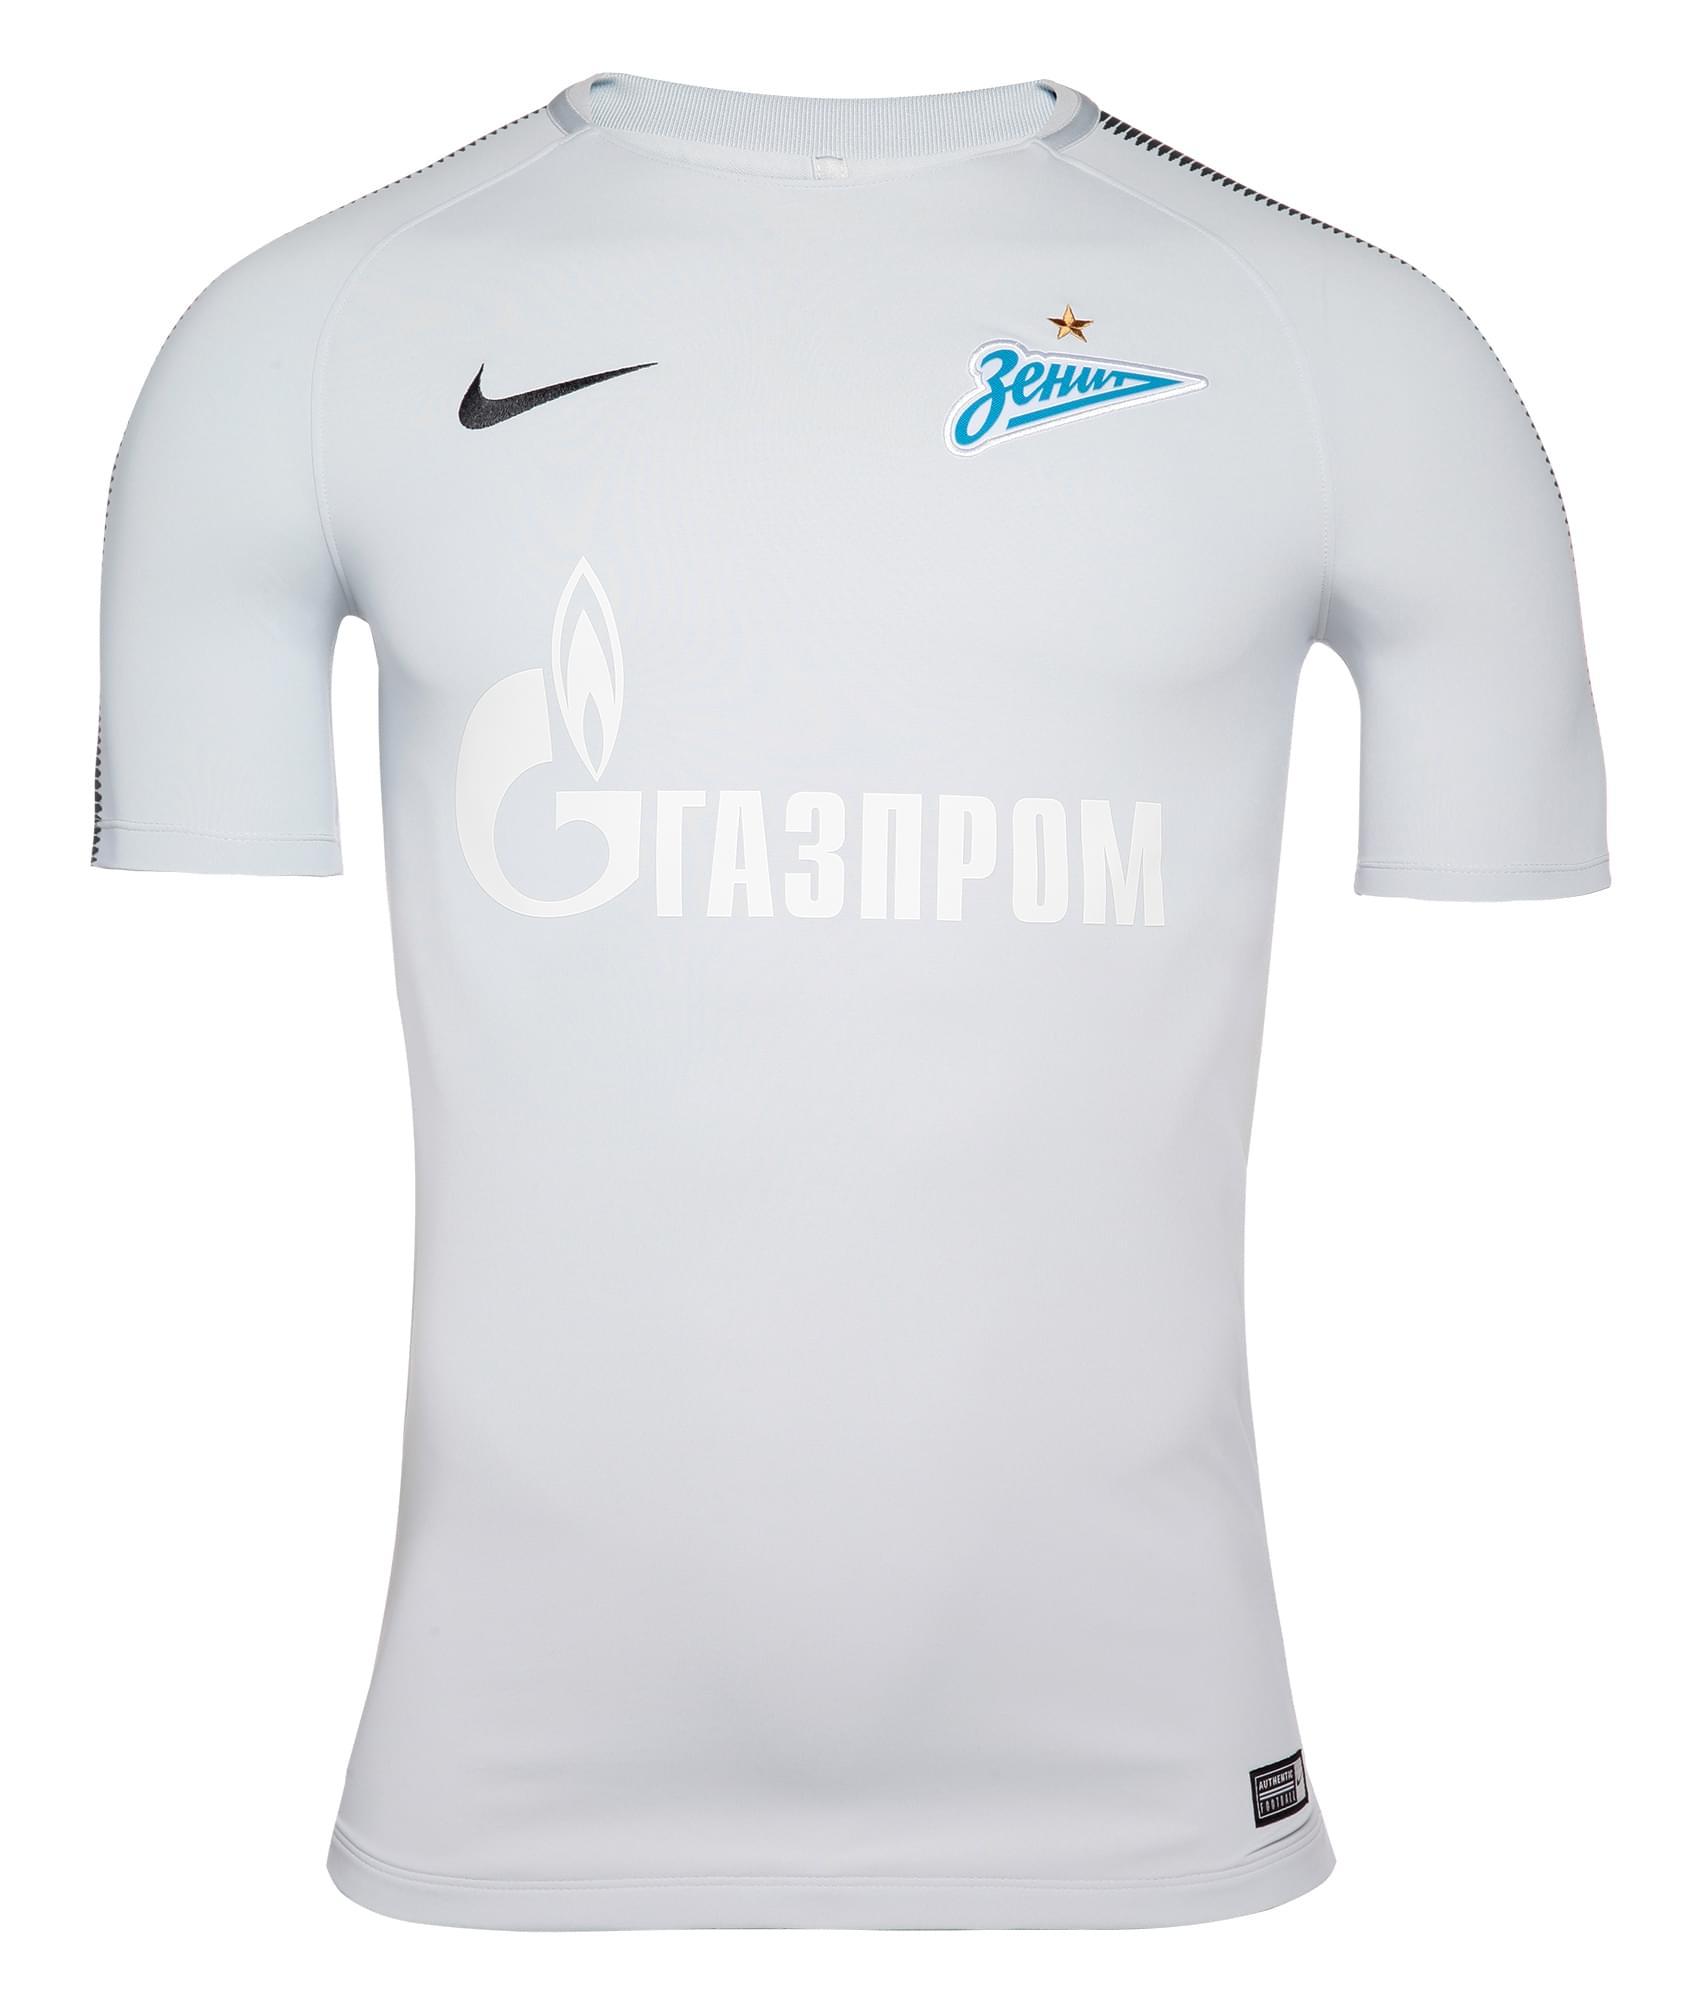 Футболка тренировочная Nike, Цвет-Серый, Размер-M поло nike цвет голубой размер m